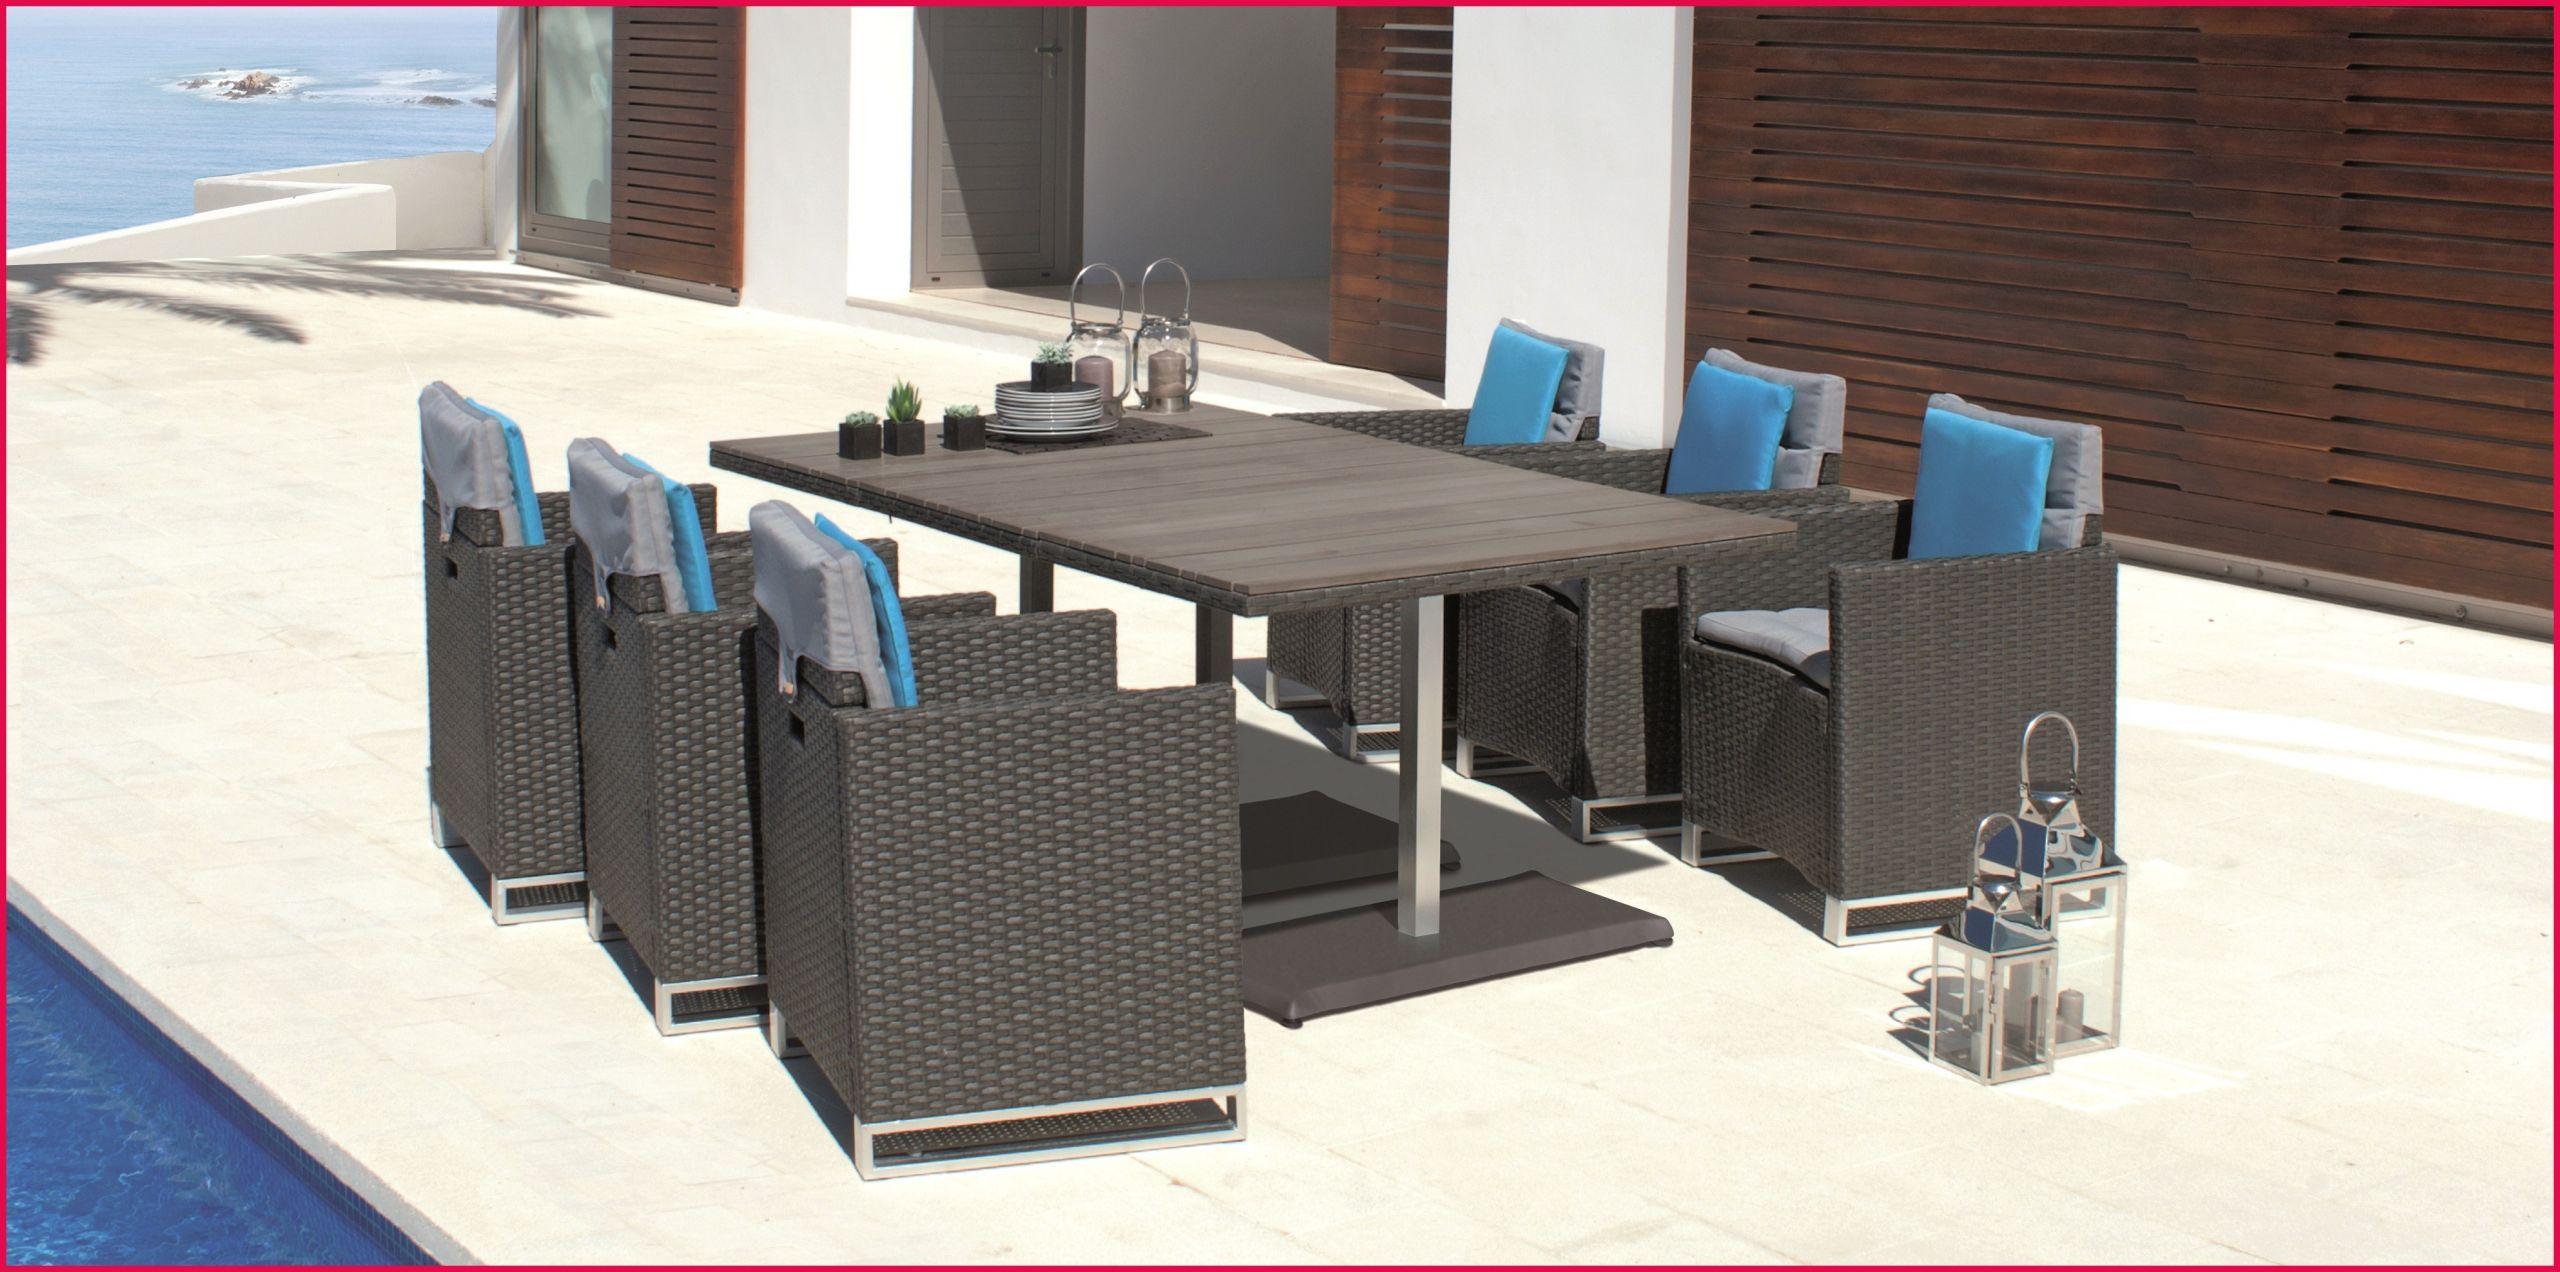 salon de jardin contemporain salon de jardin contemporain super u mobilier de jardin luxe design mobilier jardin hyper u